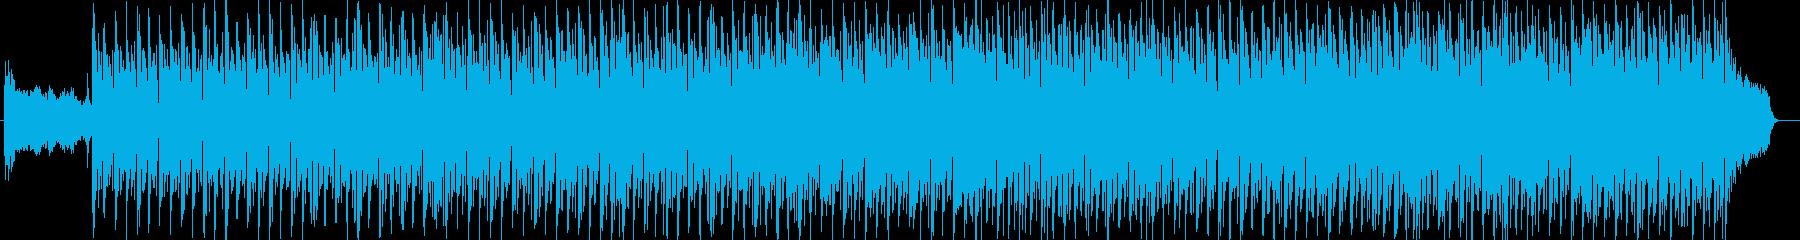 リズミカルなシンセサイザーの和風テクノの再生済みの波形